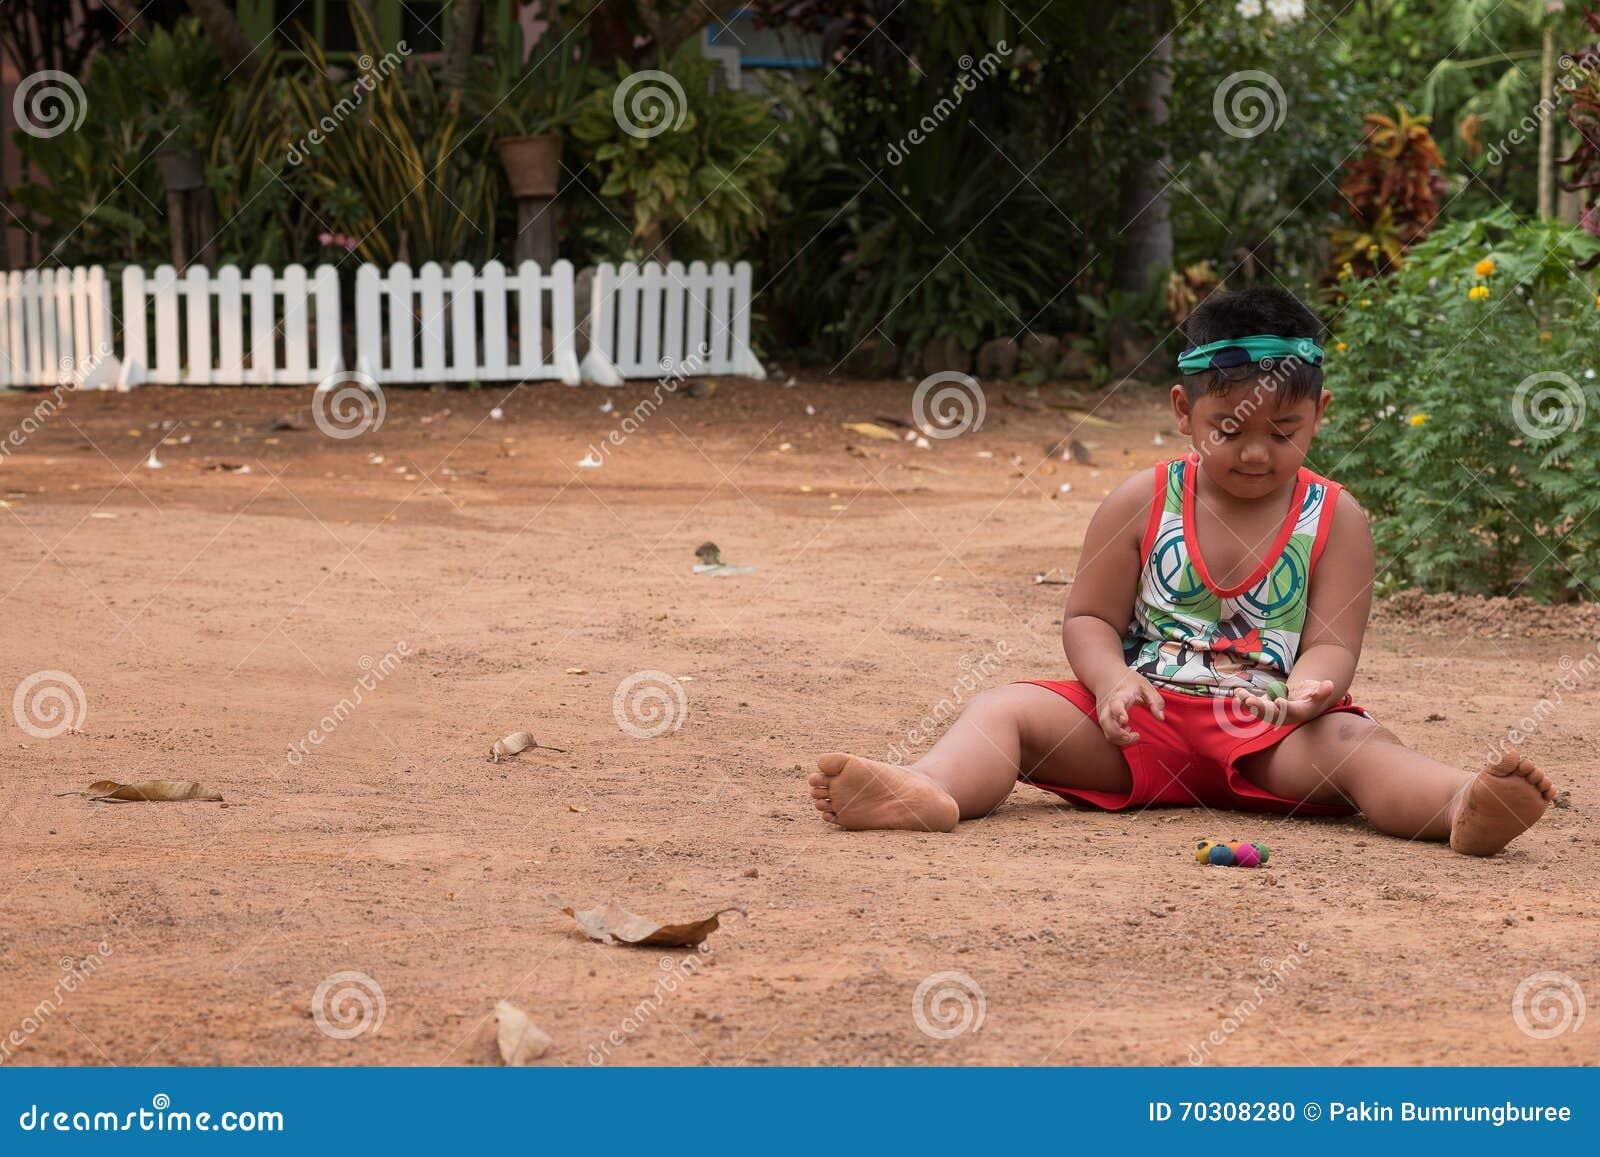 Het Aziatische kind spelen met zand en bal in de speelplaats